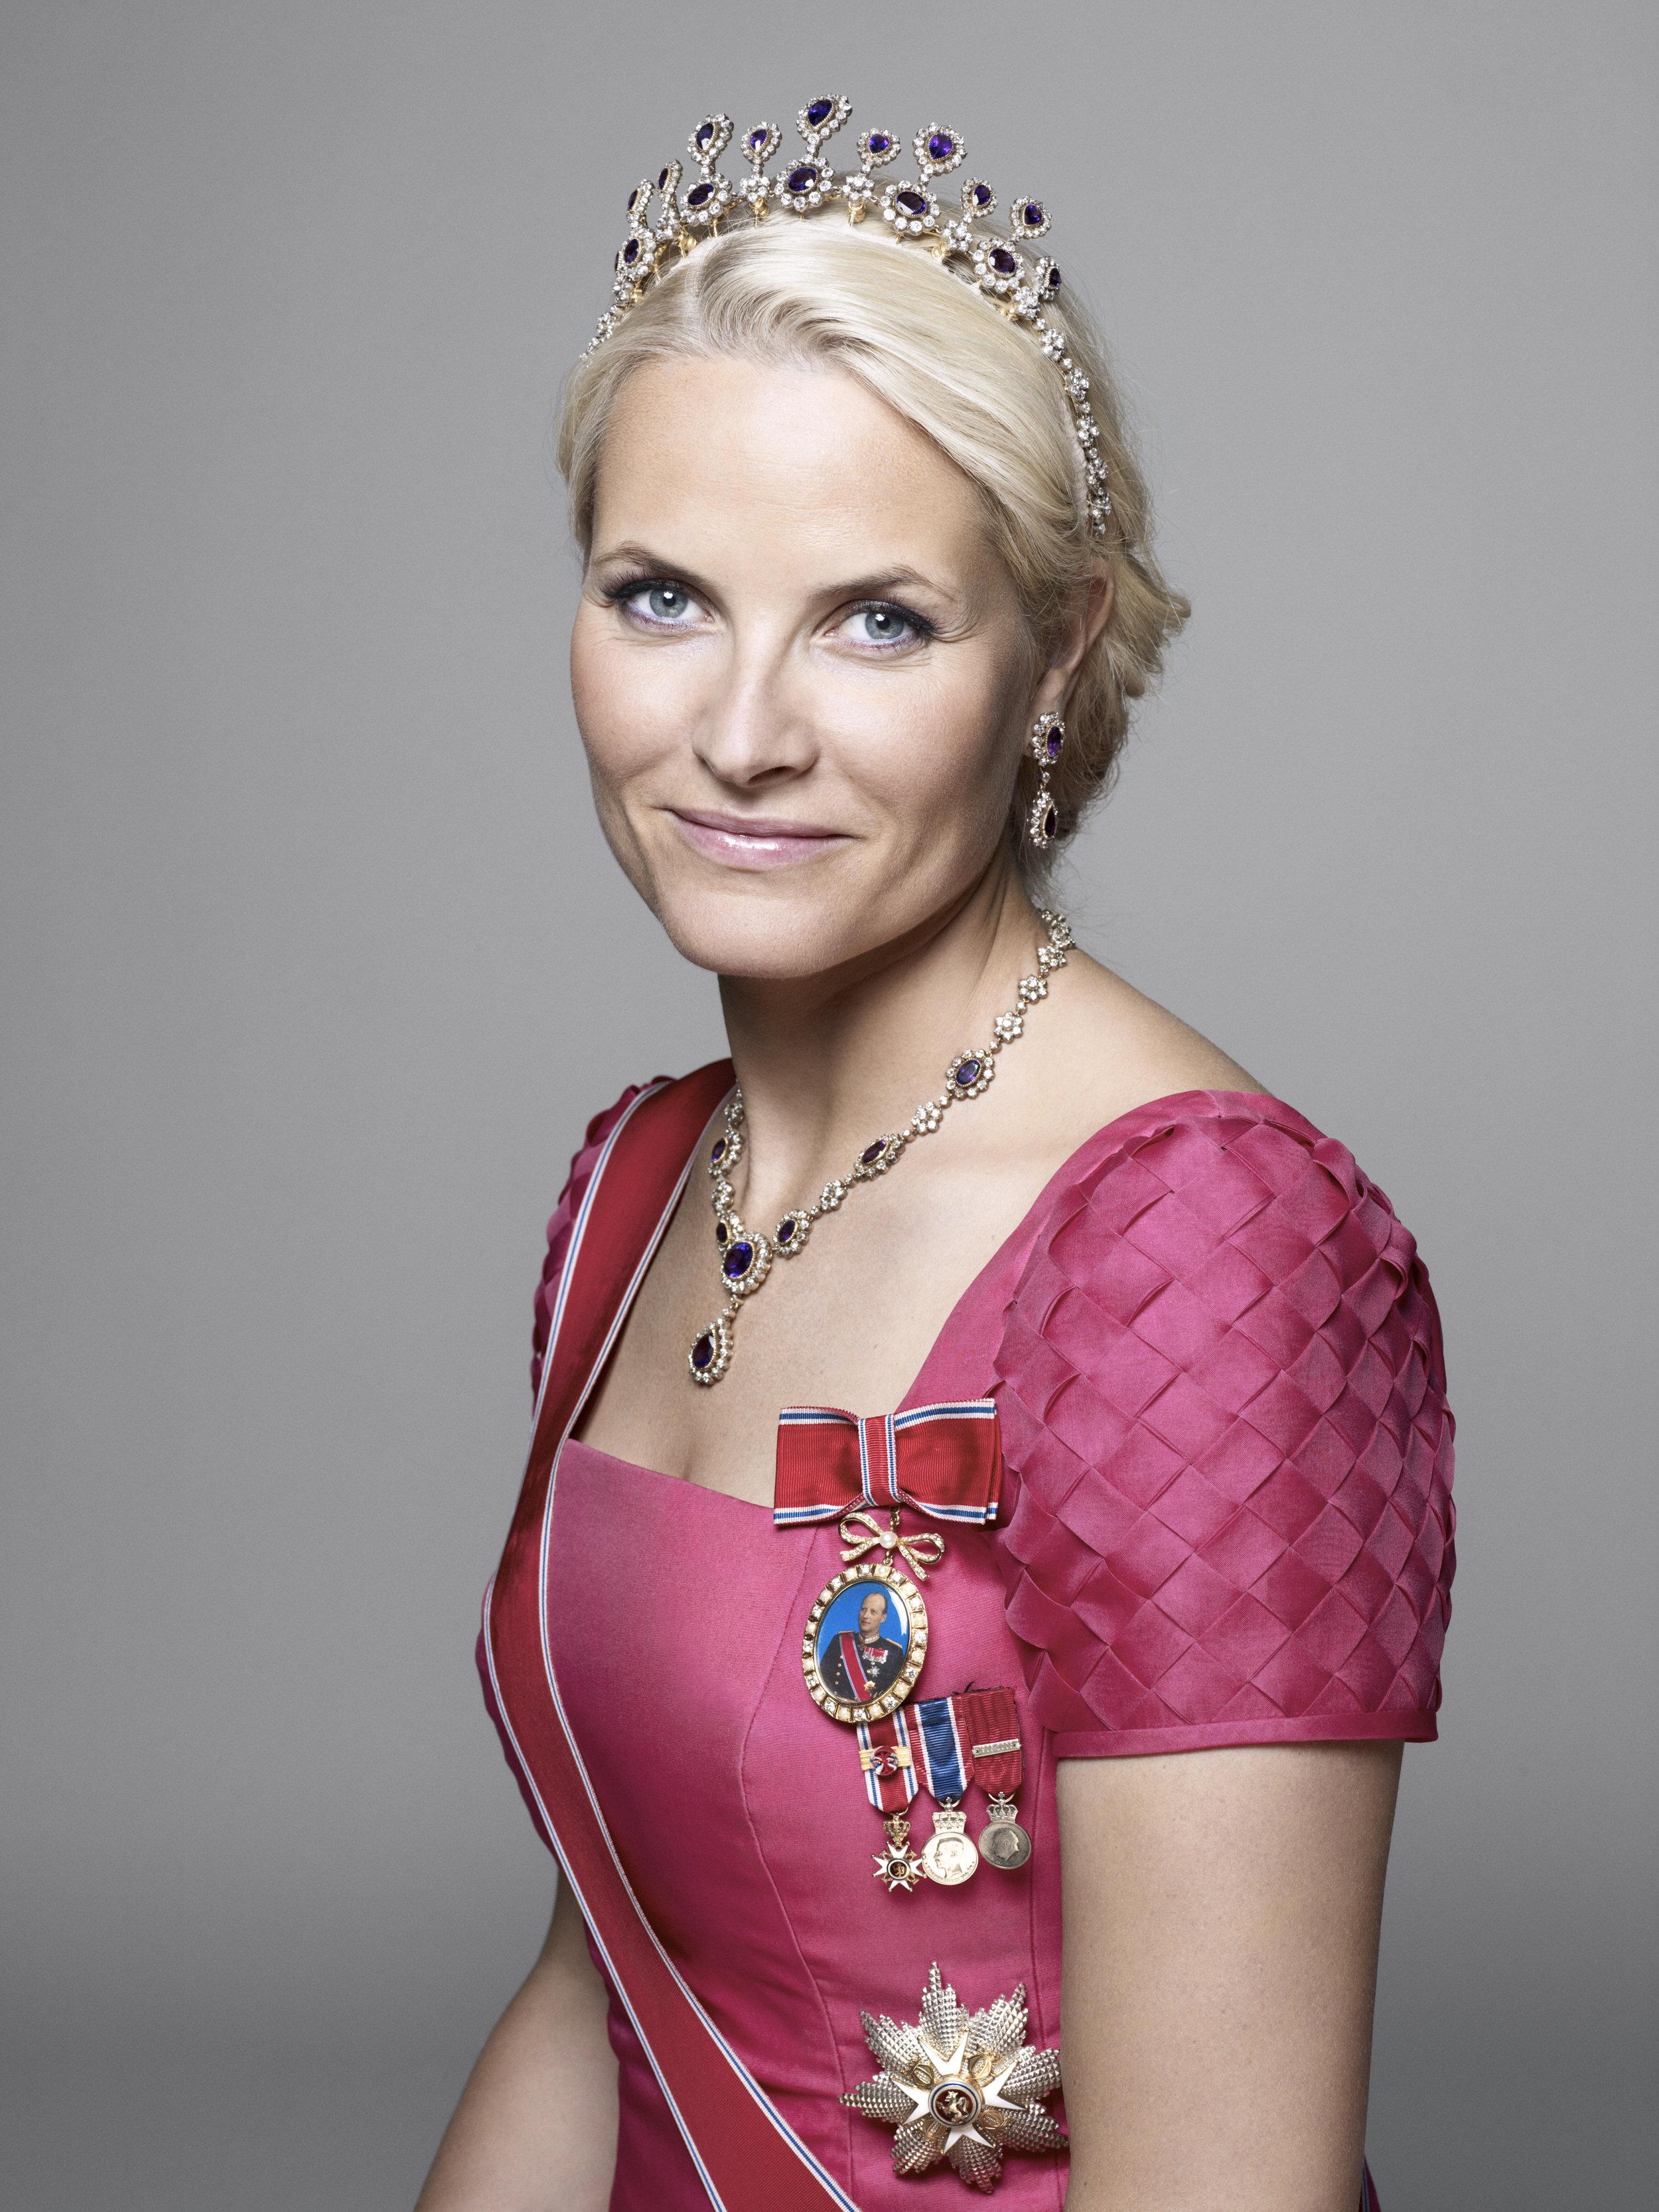 Zu der Tiara von Mette-Marit gehören auch eine Kette und ein Paar Ohrringe.  Foto: Sølve Sundsbø, The Royal Court